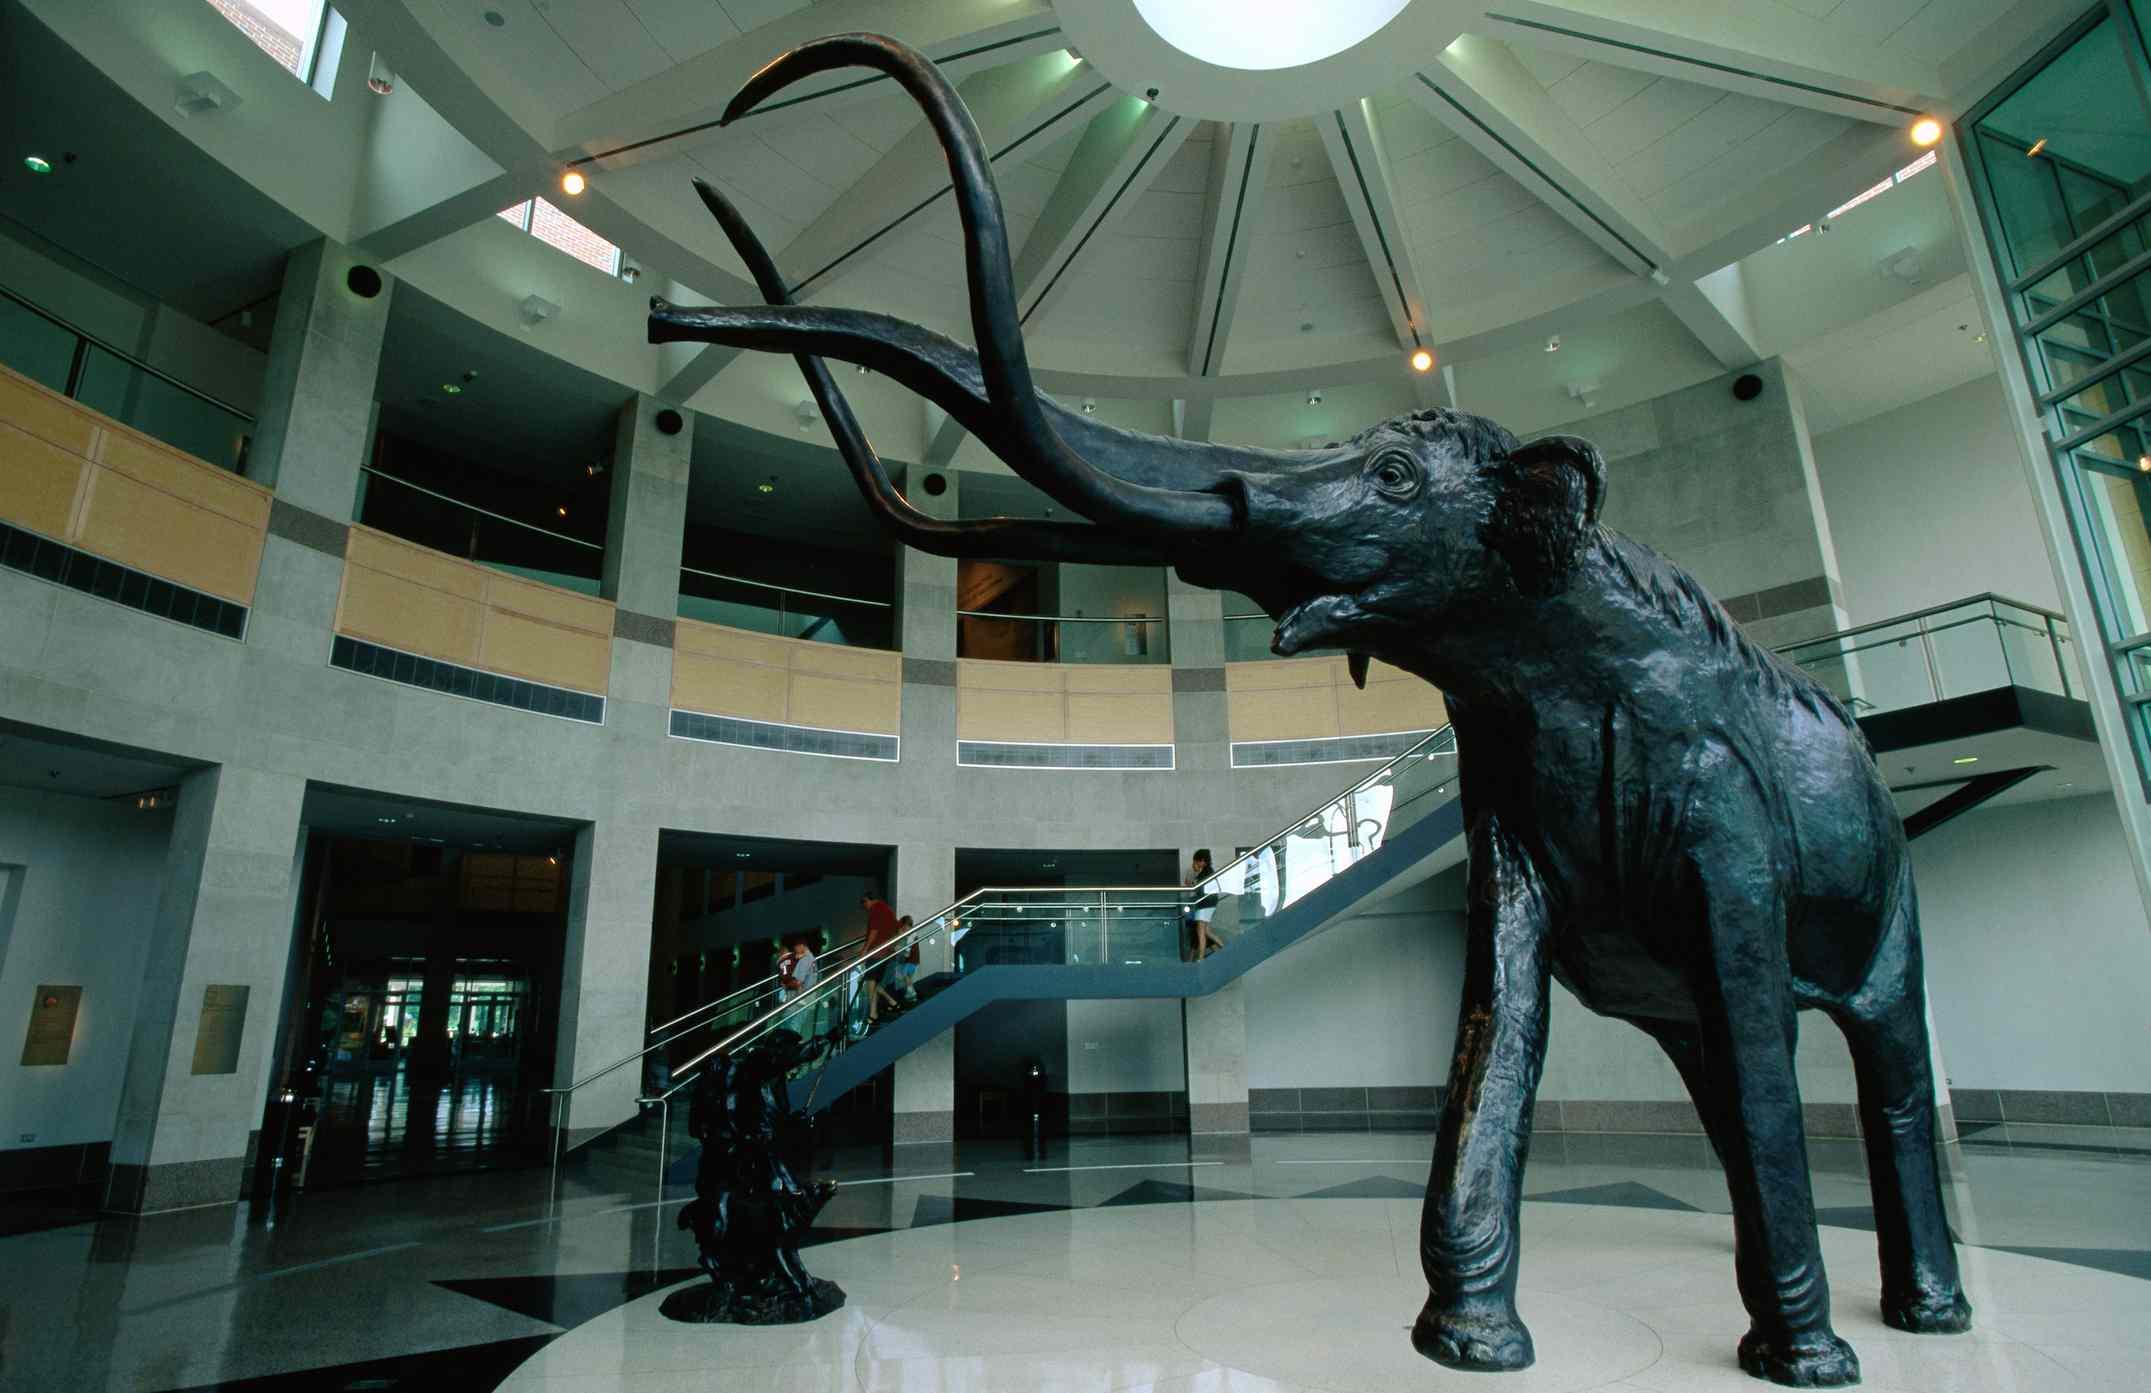 Mammoth in rotunda of Sam Noble Oklahoma Museum of Natural History, University of Oklahoma.